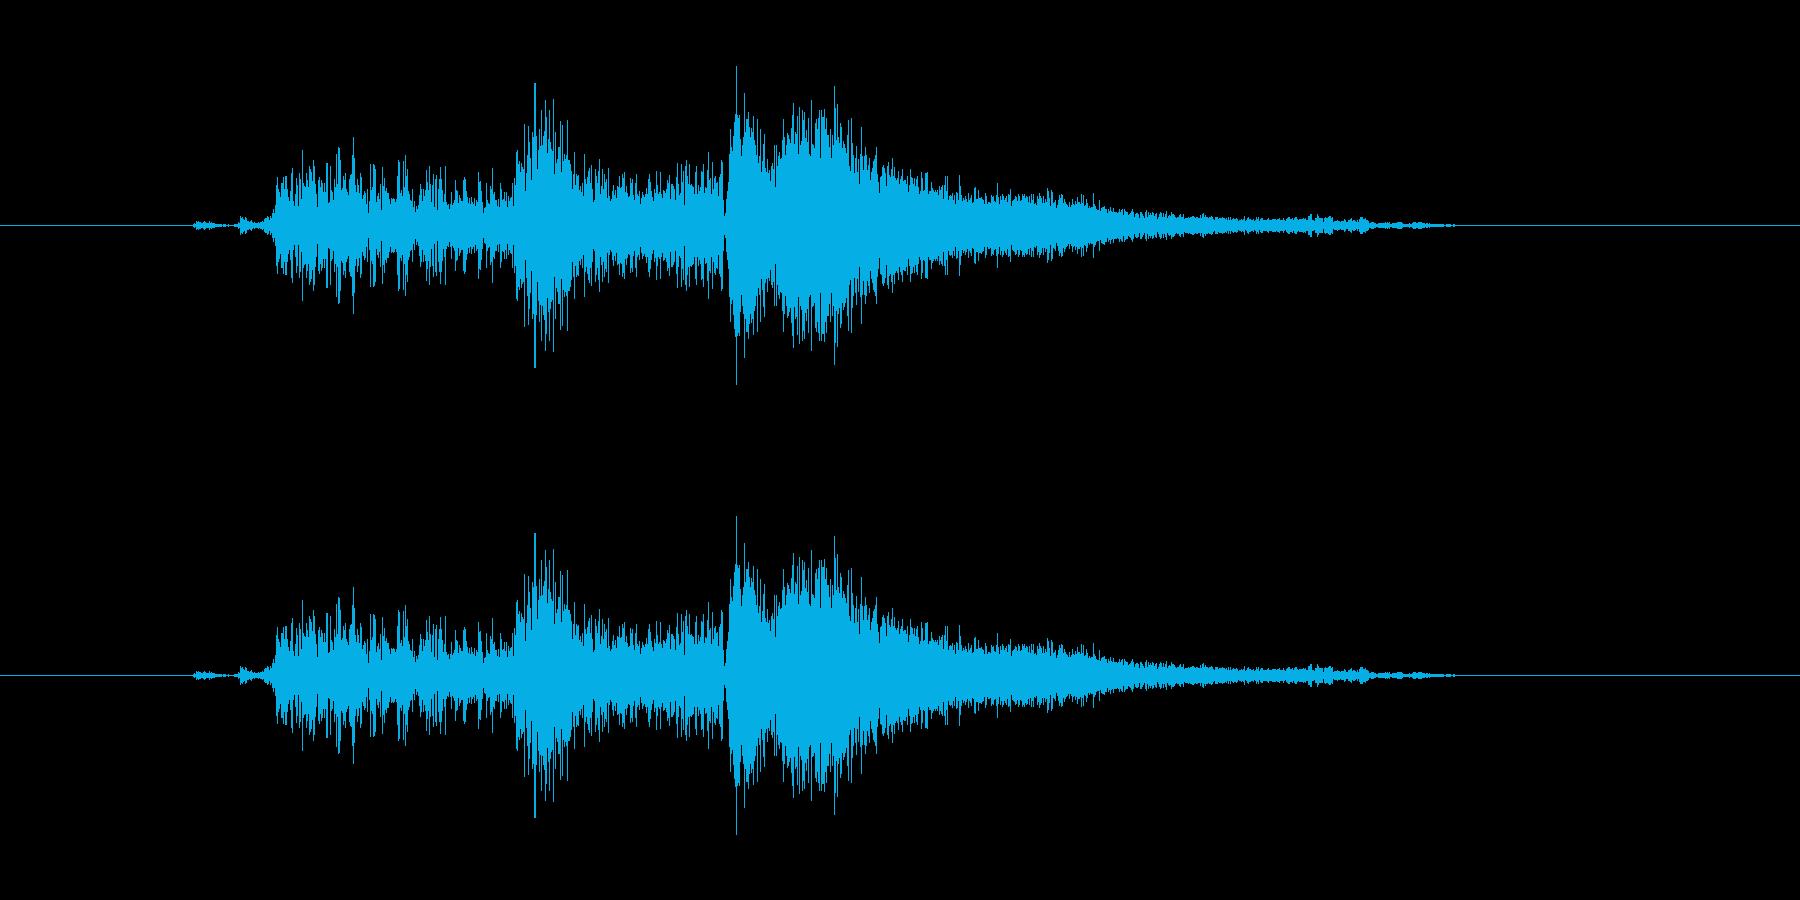 攻撃音(刀)の再生済みの波形